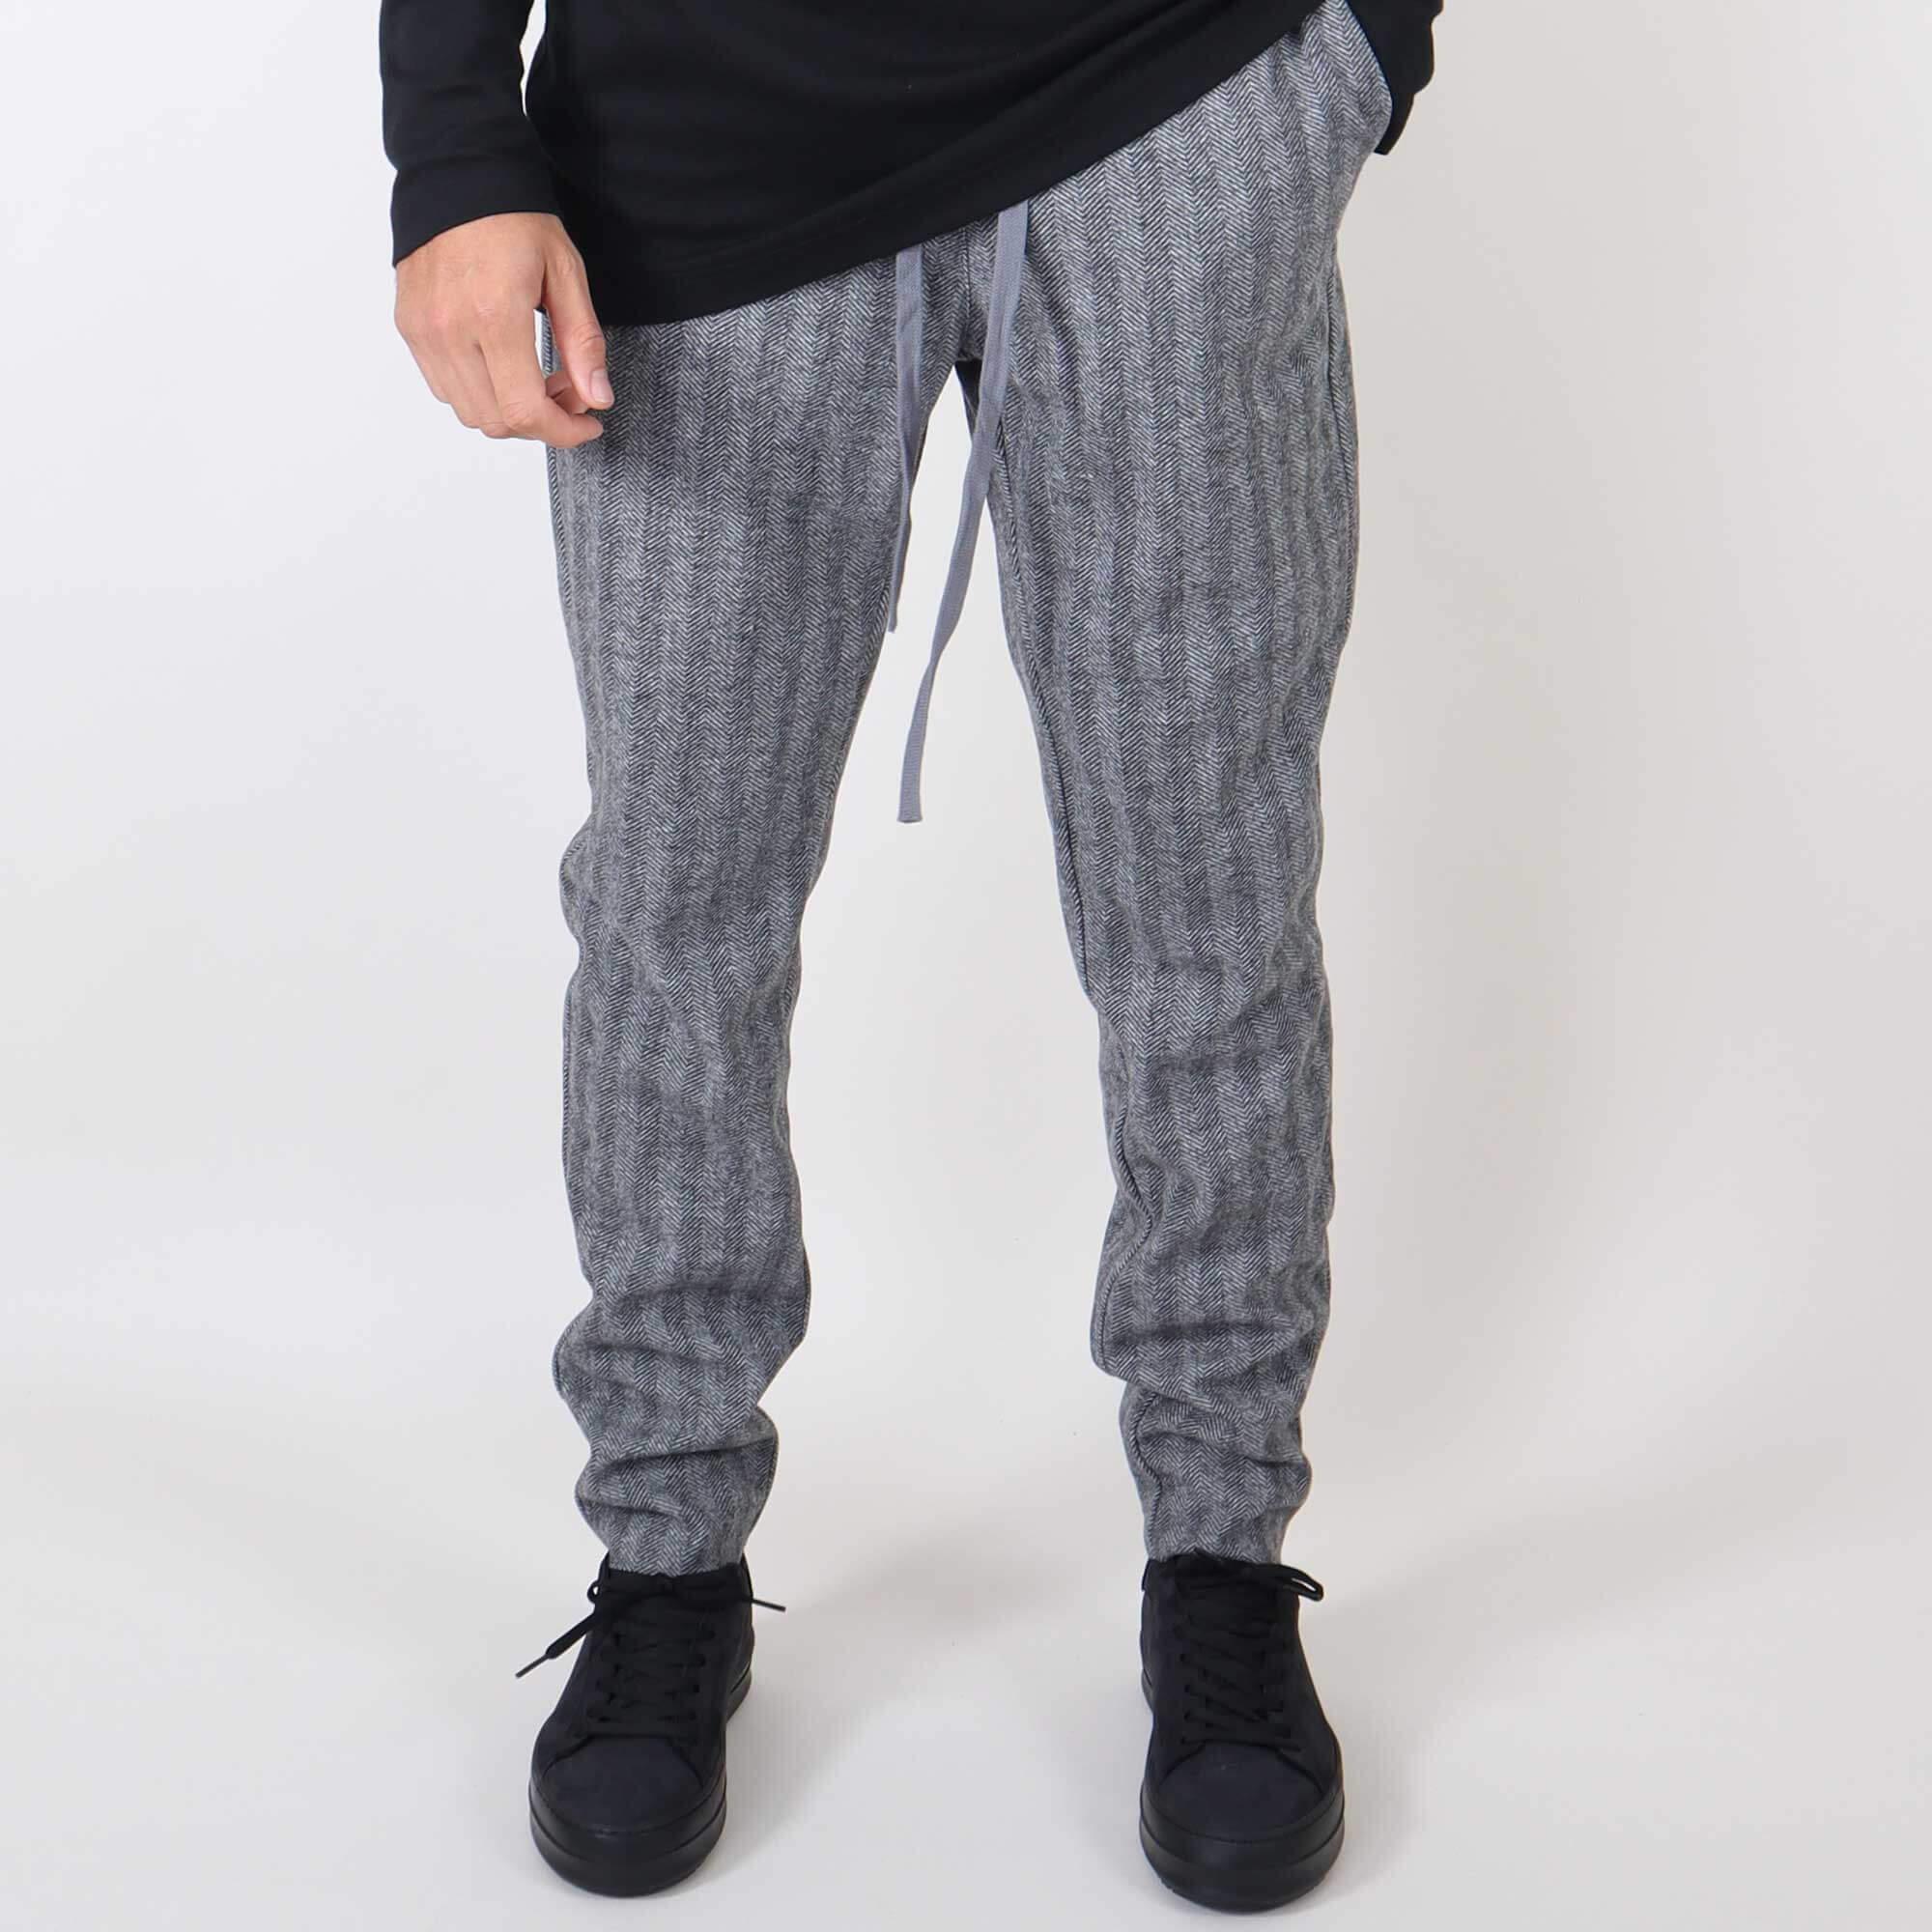 pants-grey-2